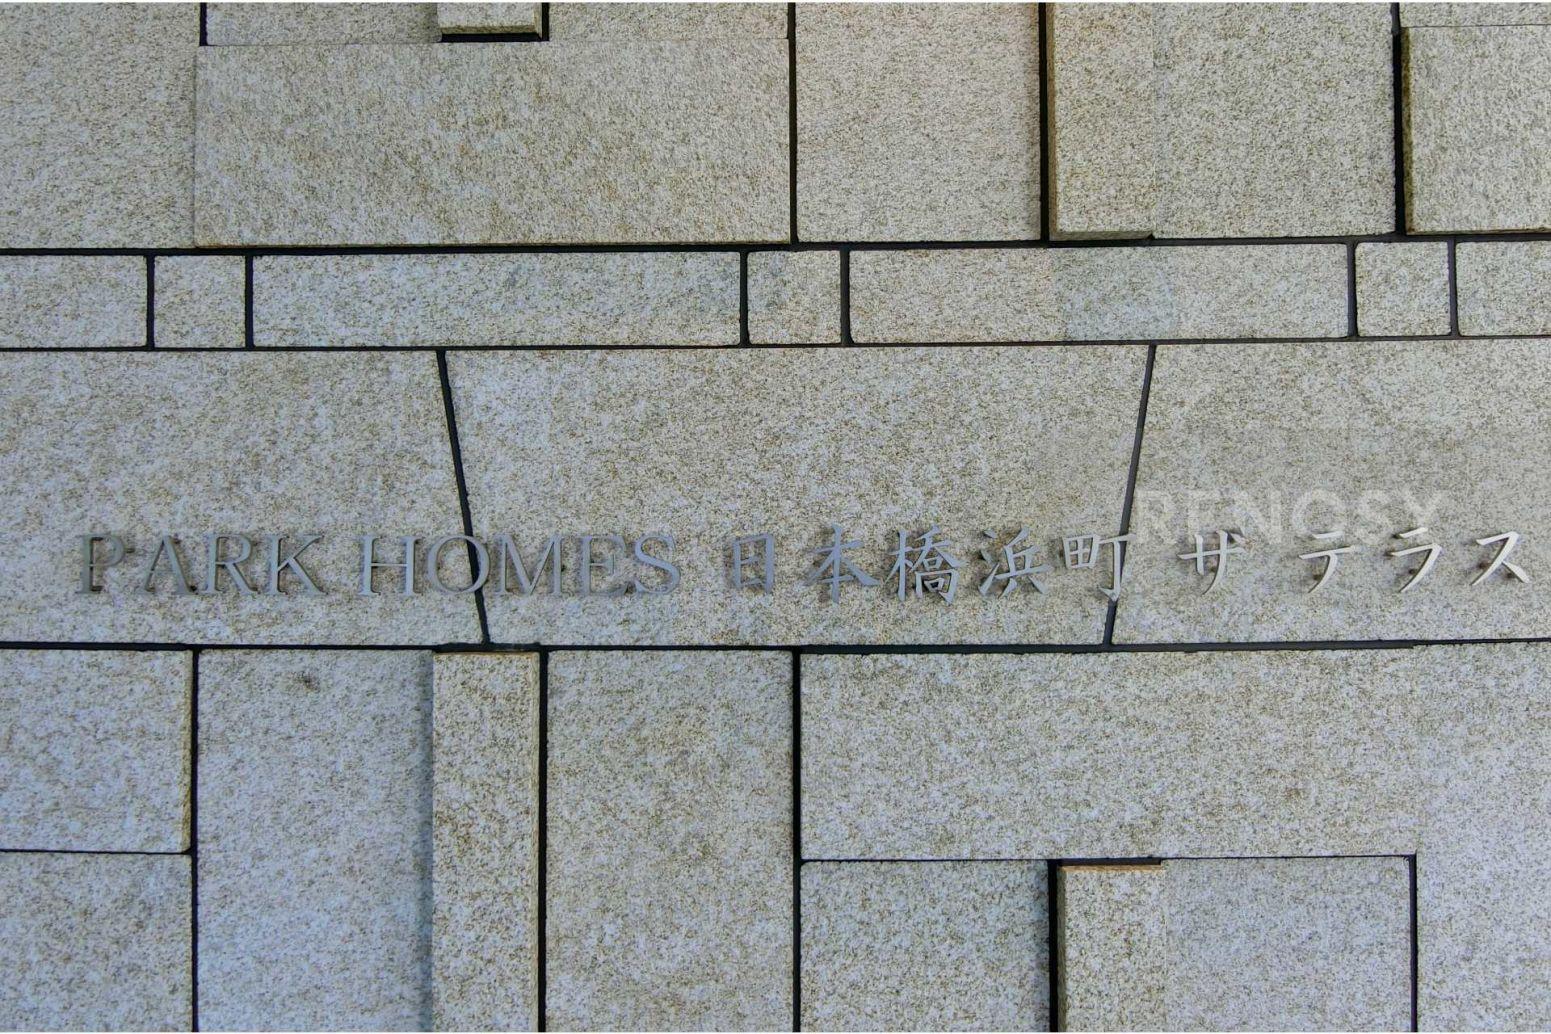 パークホームズ日本橋浜町ザテラス